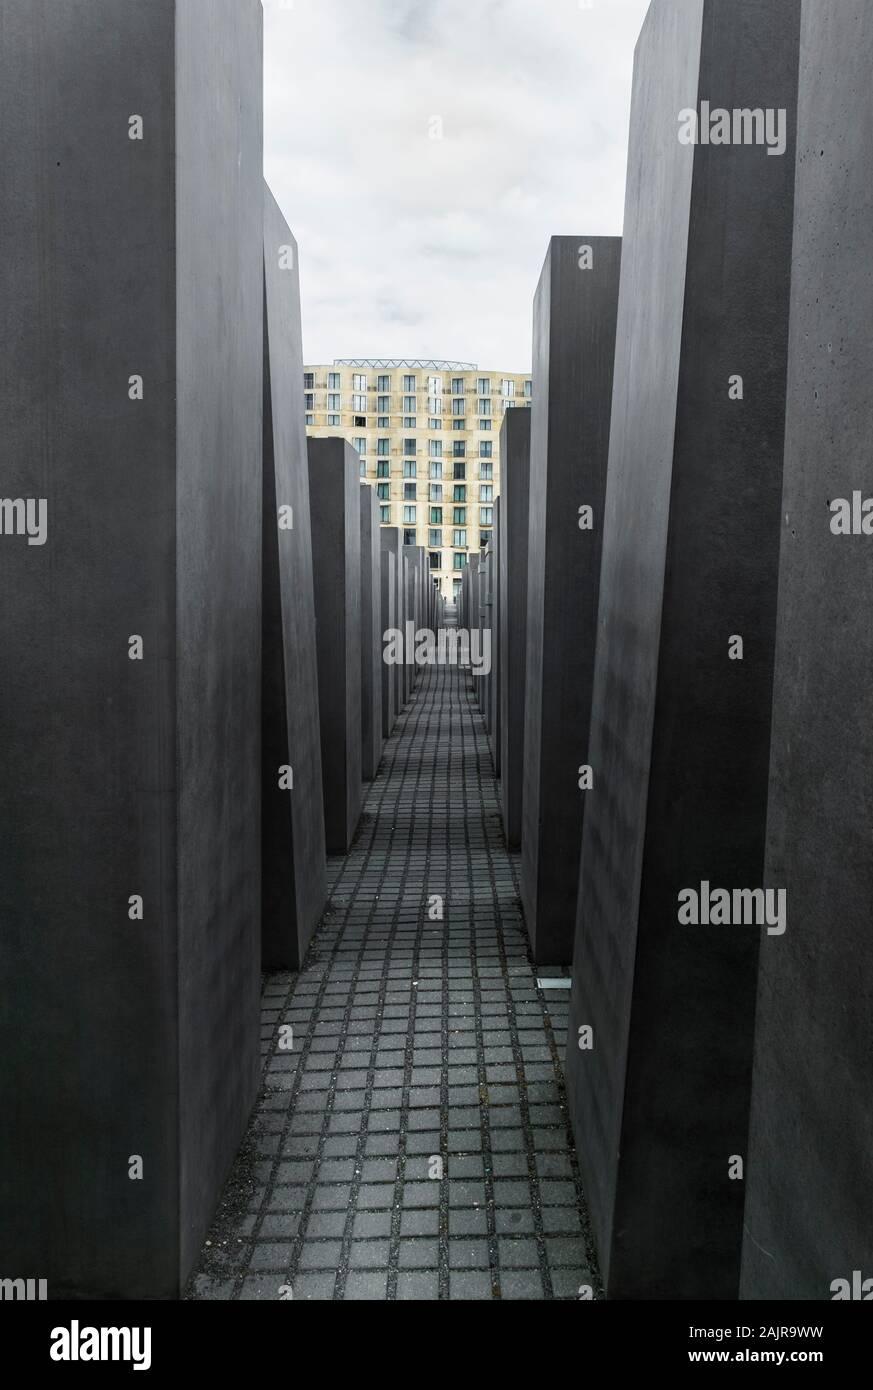 Denkmal für die ermordeten Juden Europas Stockfoto